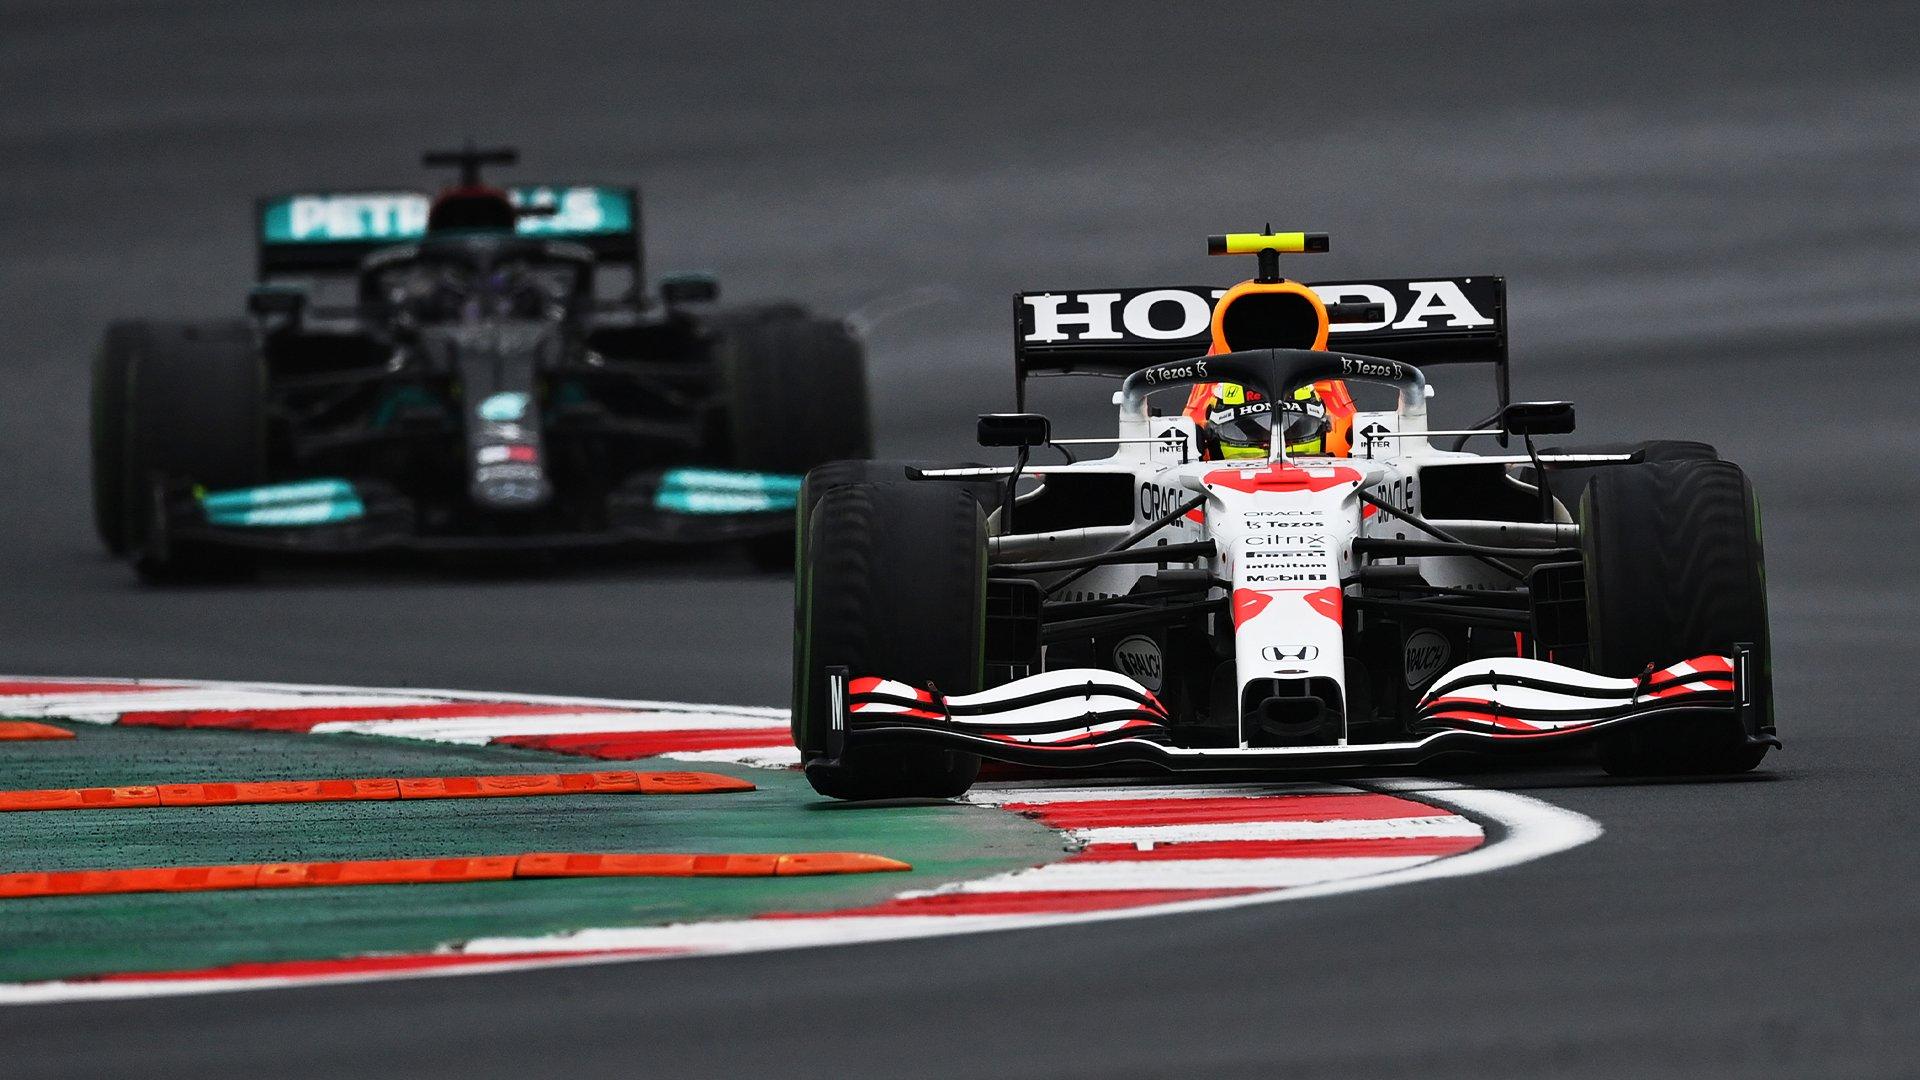 ¡Checo Pérez consiguió su tercer podio con Red Bull en el GP de Turquía!